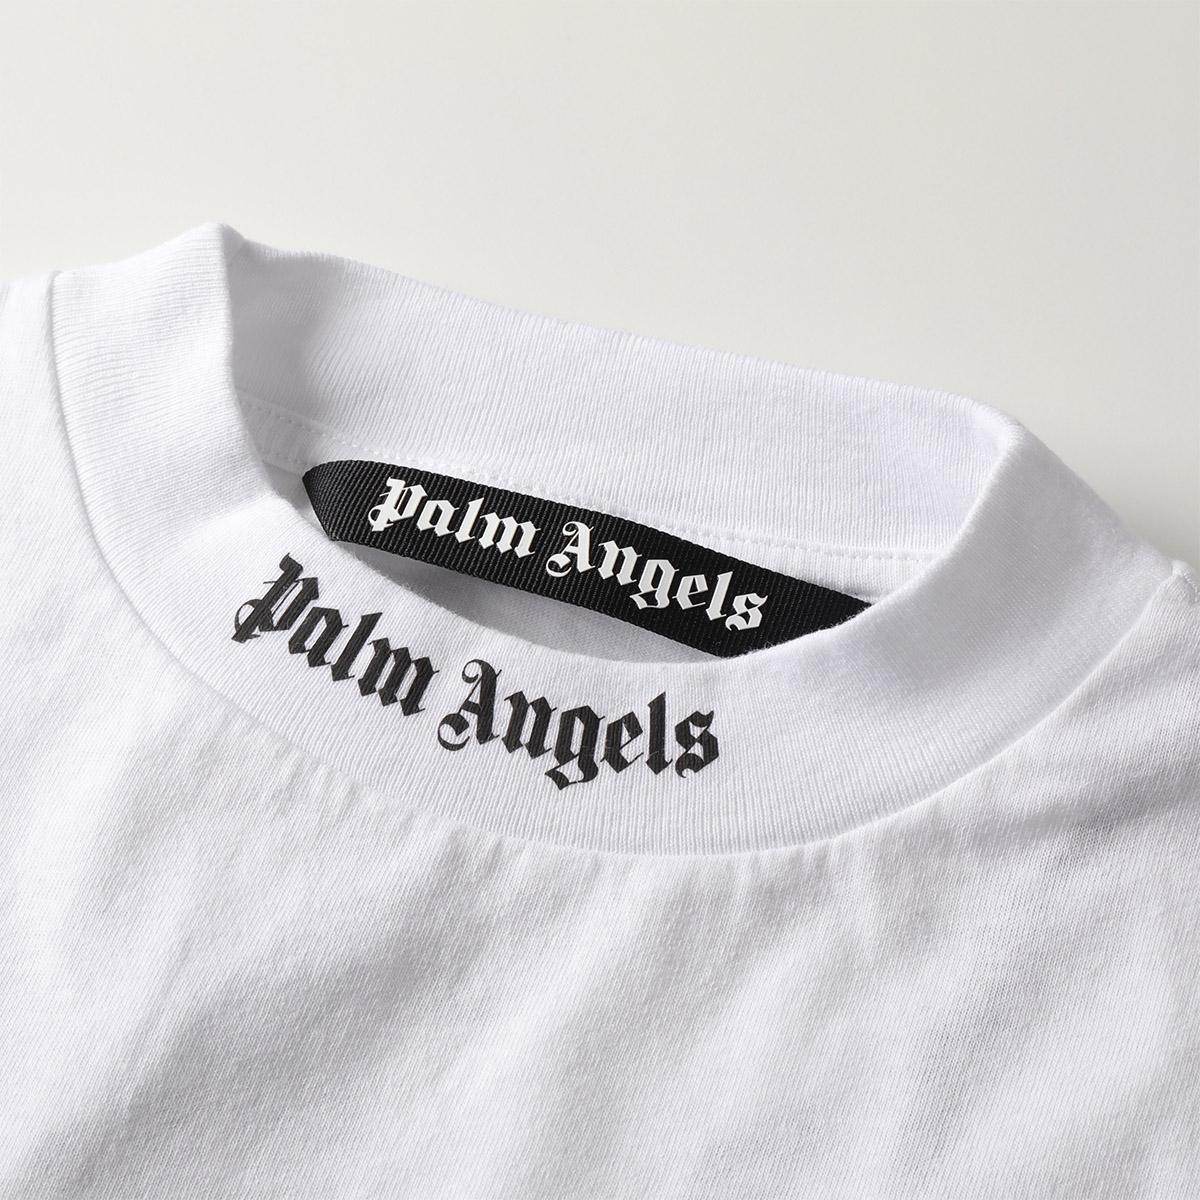 エントリーでポイント最大16倍!5/15限定★Palm Angels パームエンジェルス PMAA002S 19413007 LOGO OVER TEE オーバーサイズ ビックシルエット 半袖 Tシャツ カットソー 0110 メンズ